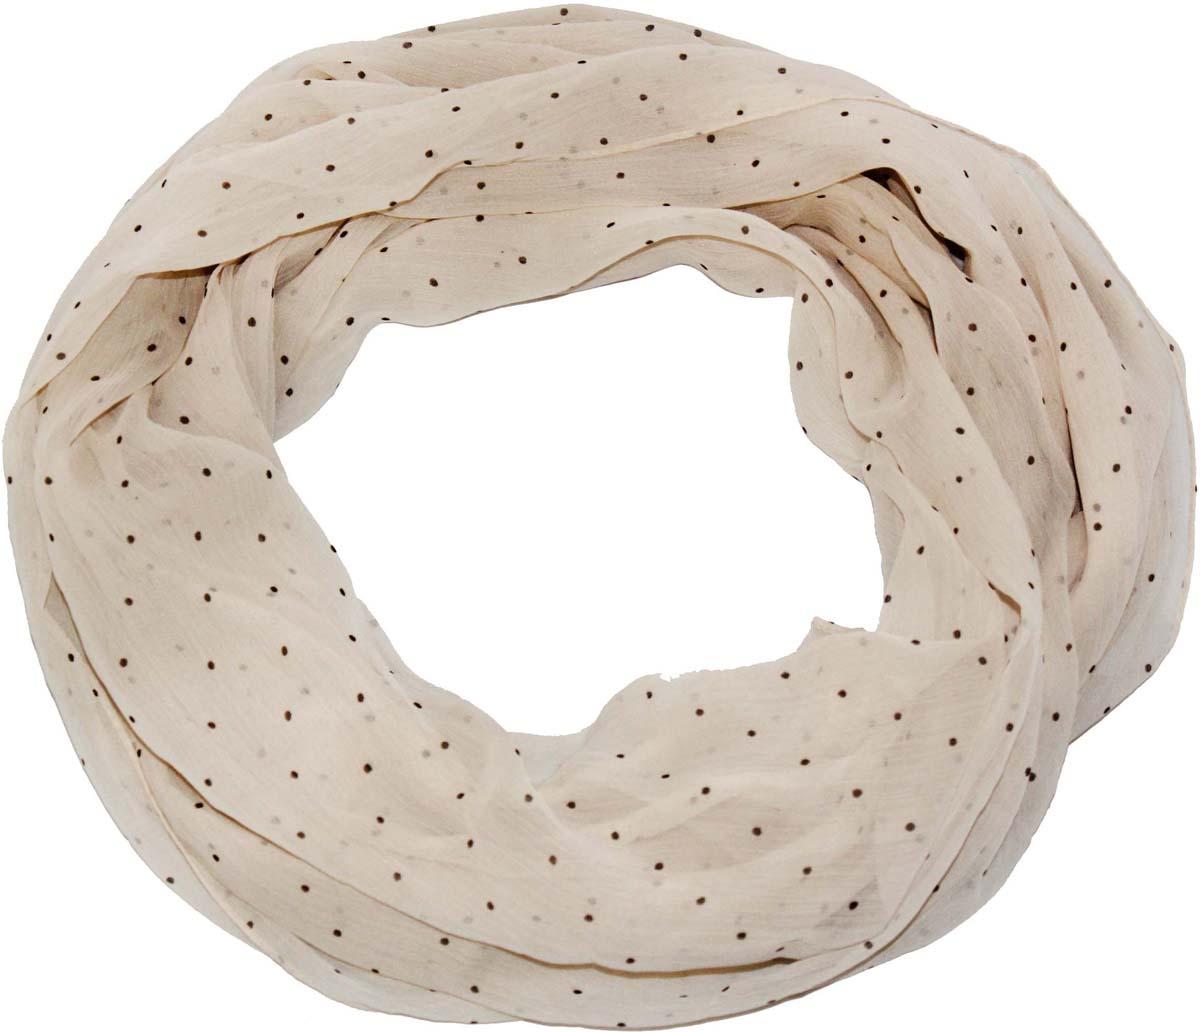 Шарф женский Ethnica, цвет: светло-бежевый. 262040. Размер 50 см х 170 см262040Стильный шарф привлекательной расцветки изготовлен из 100% вискозы. Он удачно дополнит ваш гардероб и поможет создать новый повседневный образ, добавить в него яркие краски. Отличный вариант для тех, кто стремится к самовыражению и новизне!